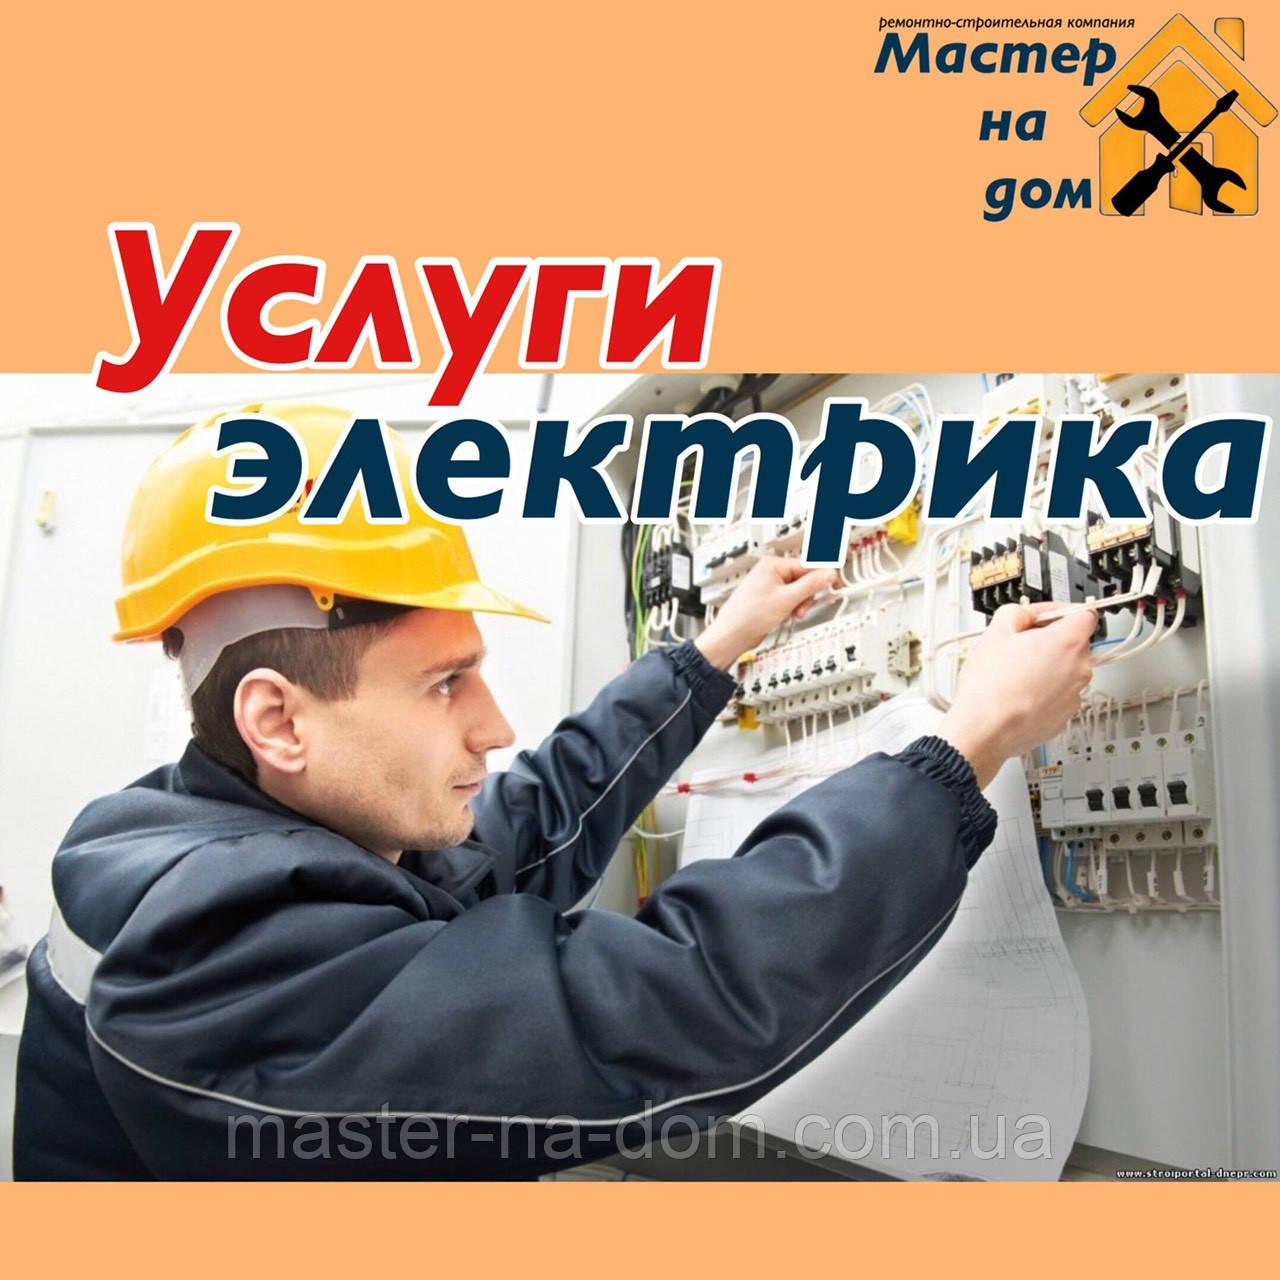 Електромонтажні роботи у Хмельницькому